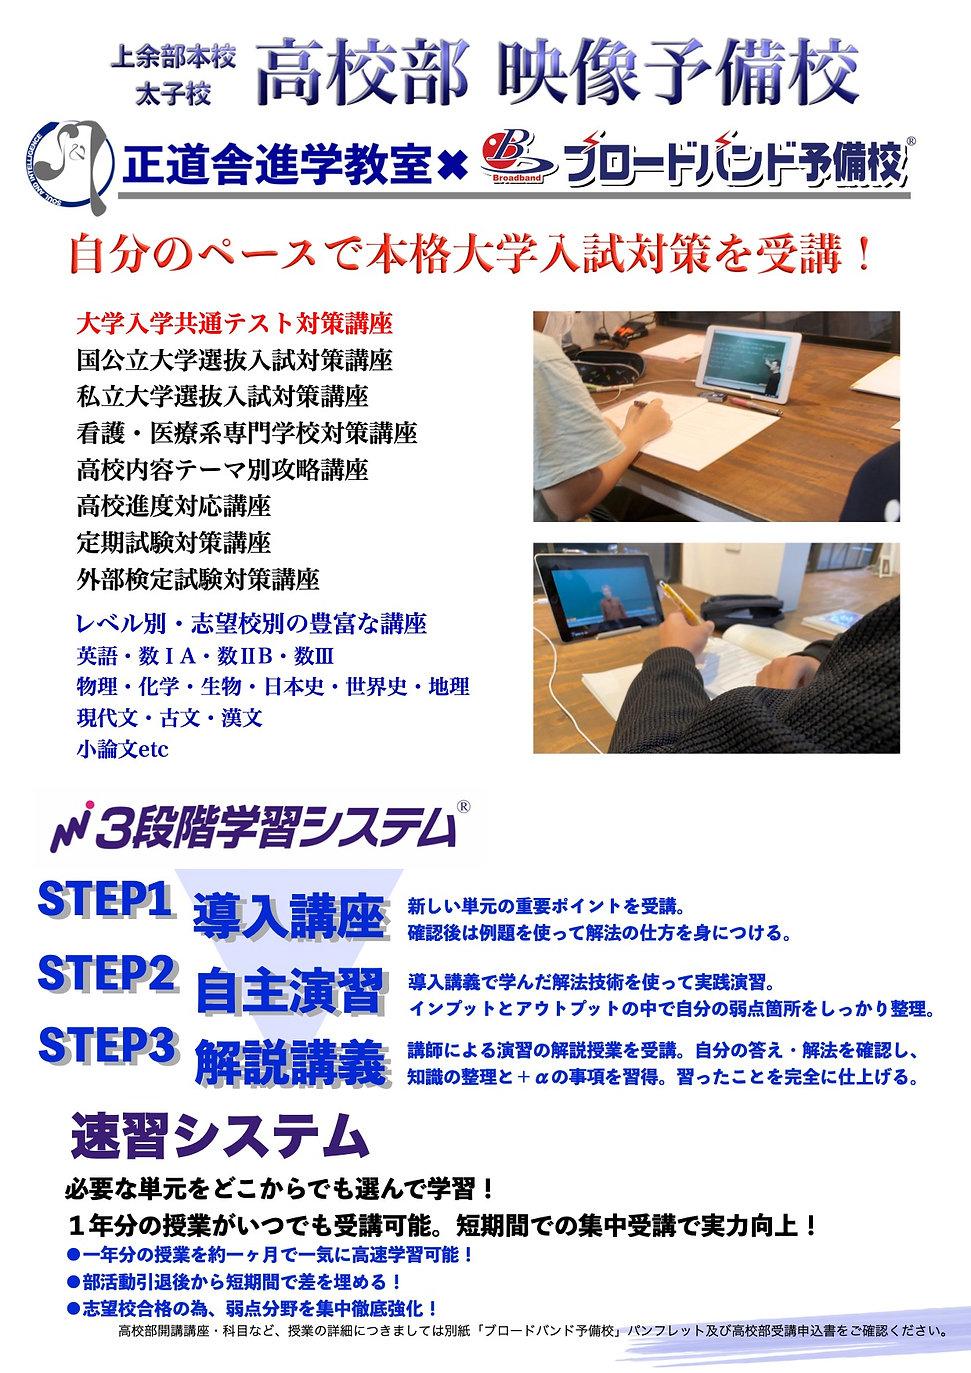 P19 高校部ii 2021.jpg